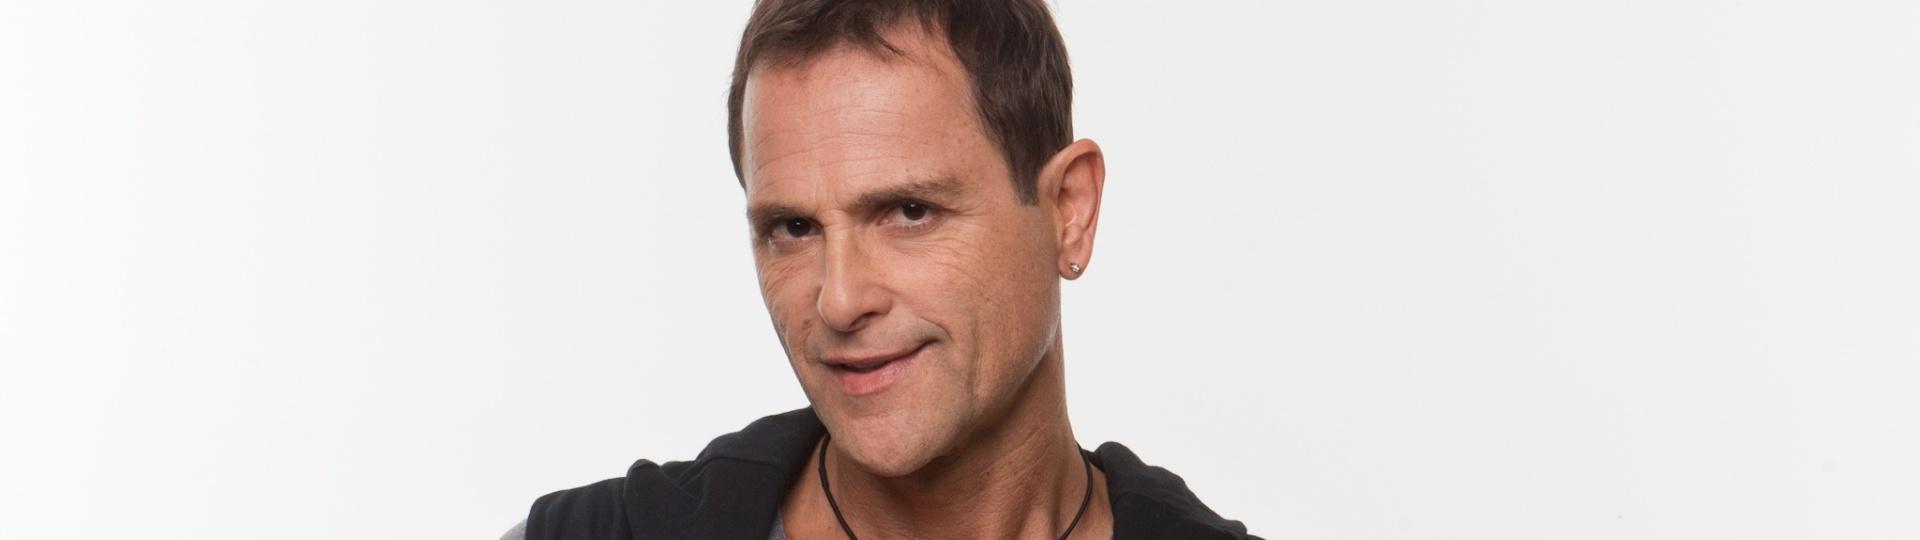 Sylvinho Blau Blau, cantor de 47 anos, fez sucesso na década de 80 com o hit